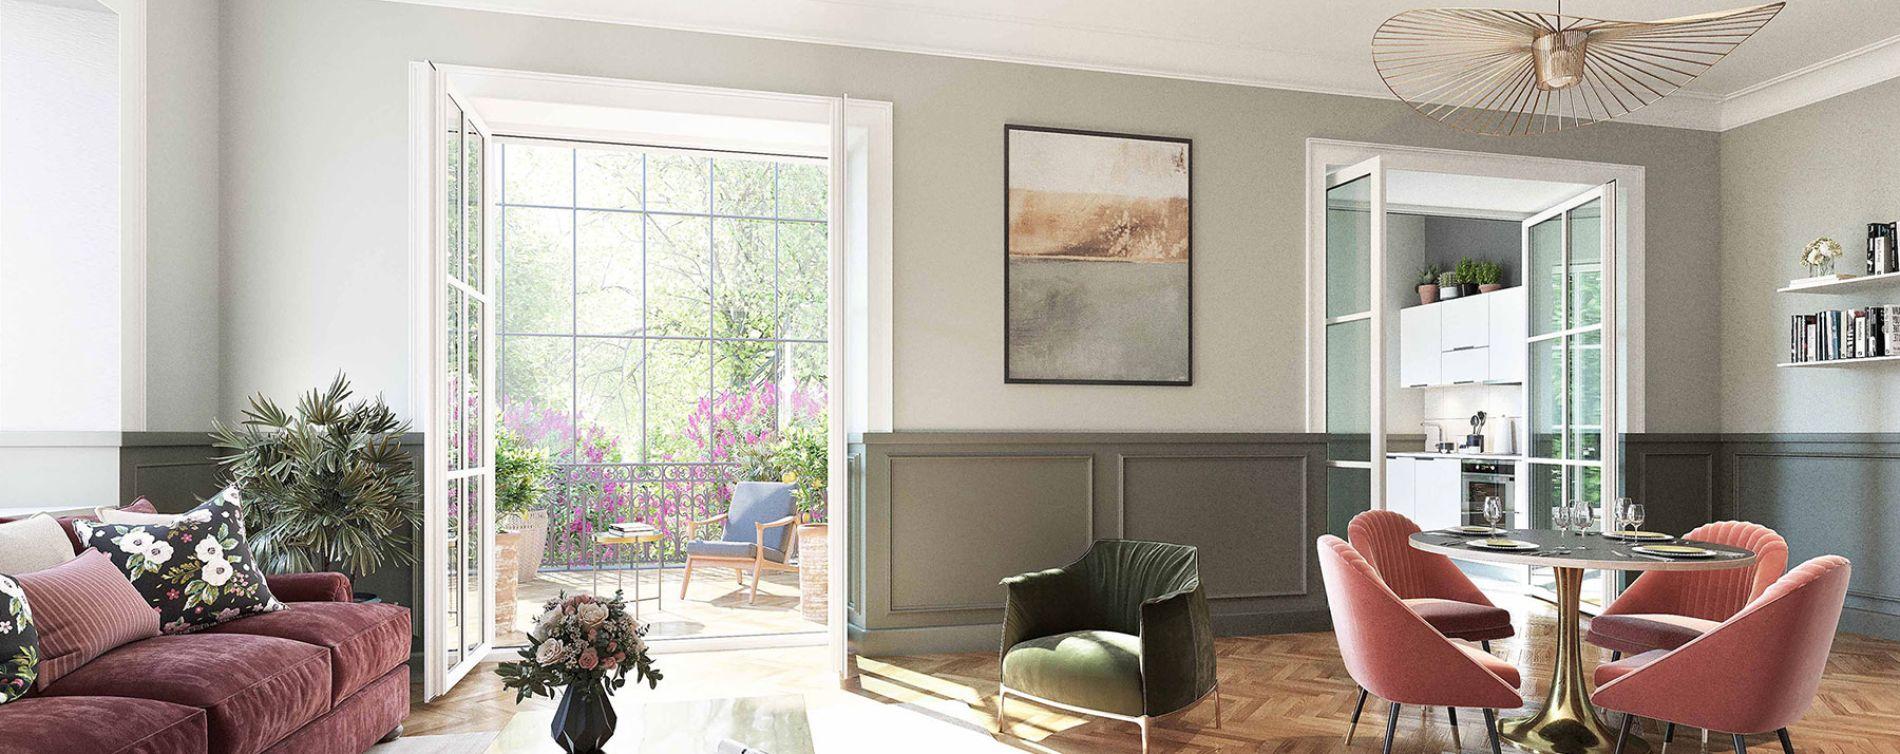 Sainte-Eulalie : programme immobilier à rénover « Abbaye de Bonlieu DF/Pinel Mel » en Déficit Foncier (3)